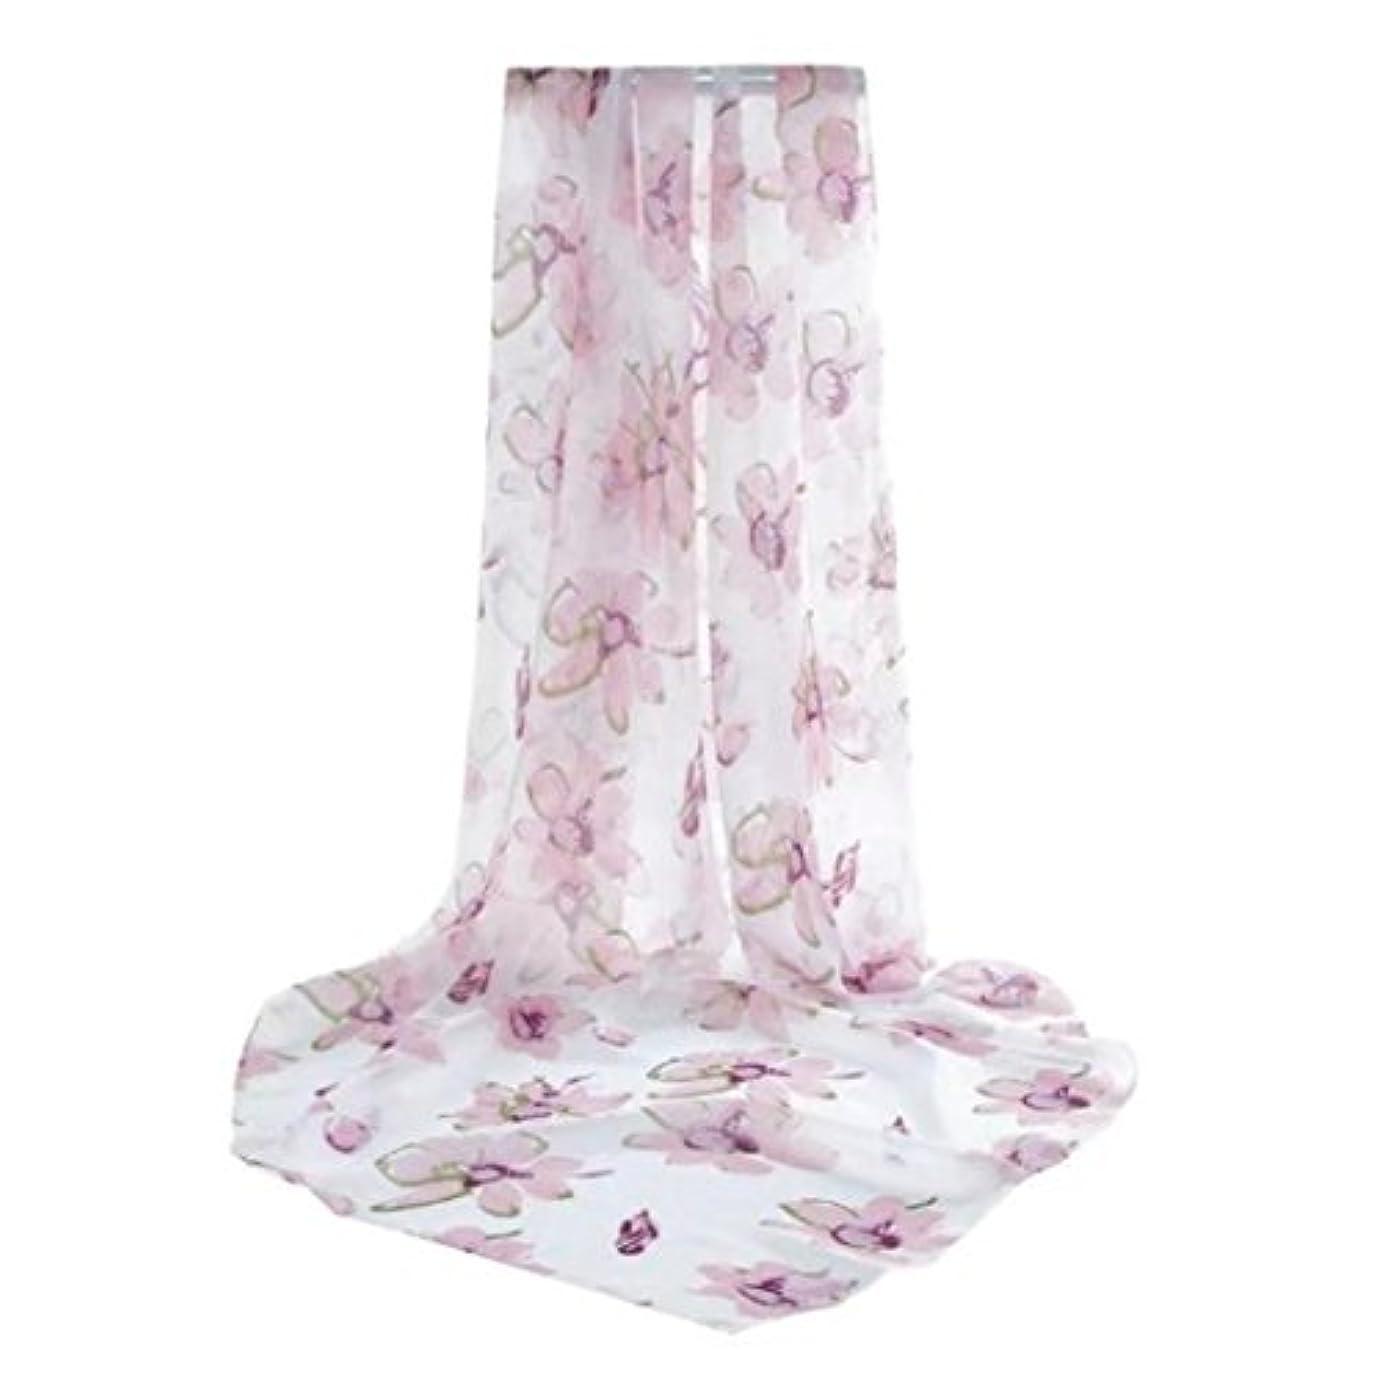 鮮やかな誰がスクラップFeiscat ファッション レディ プリント ロングラップ 女性のショール シフォン スカーフ シルクのスカーフ